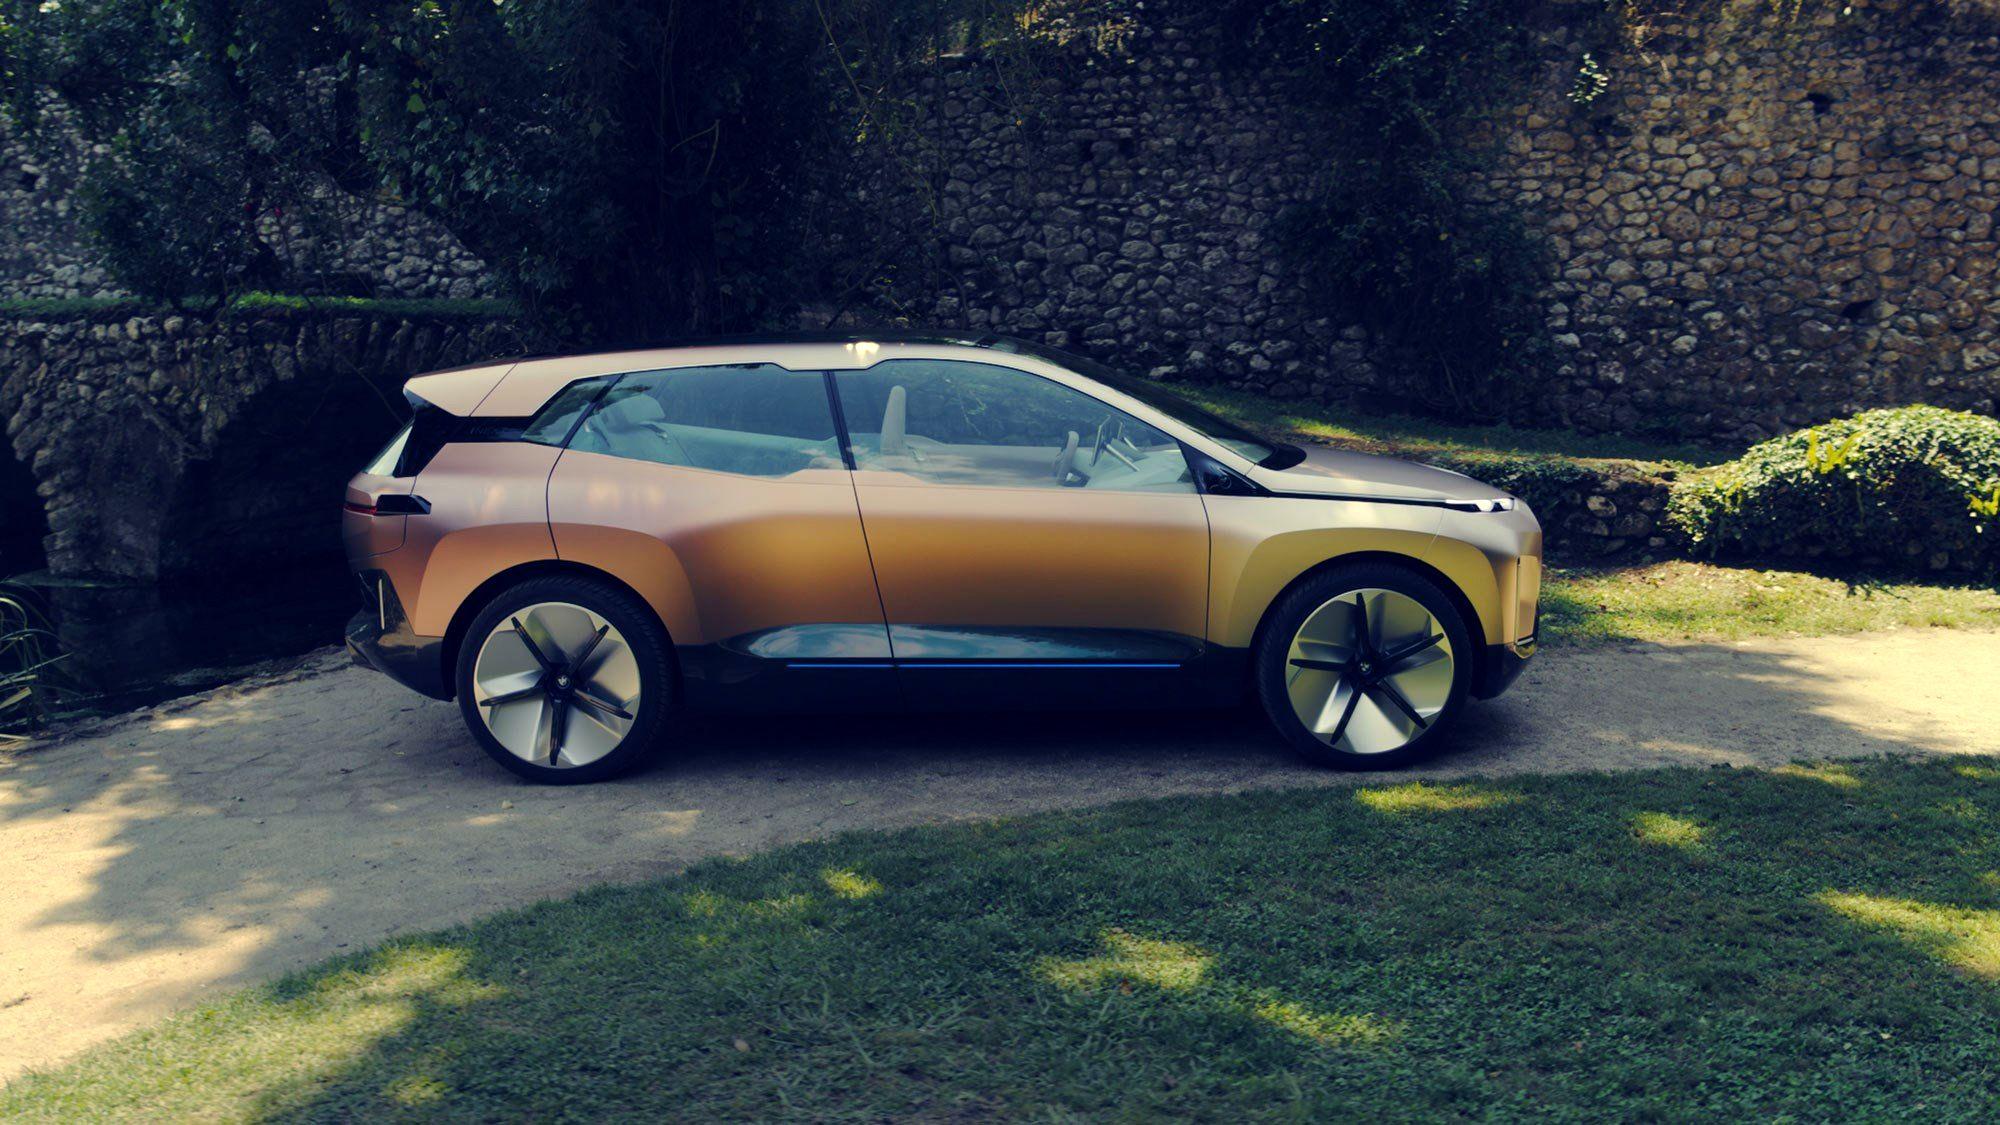 زمان رونمایی از خودروی الکتریکی بیامو iNext اعلام شد